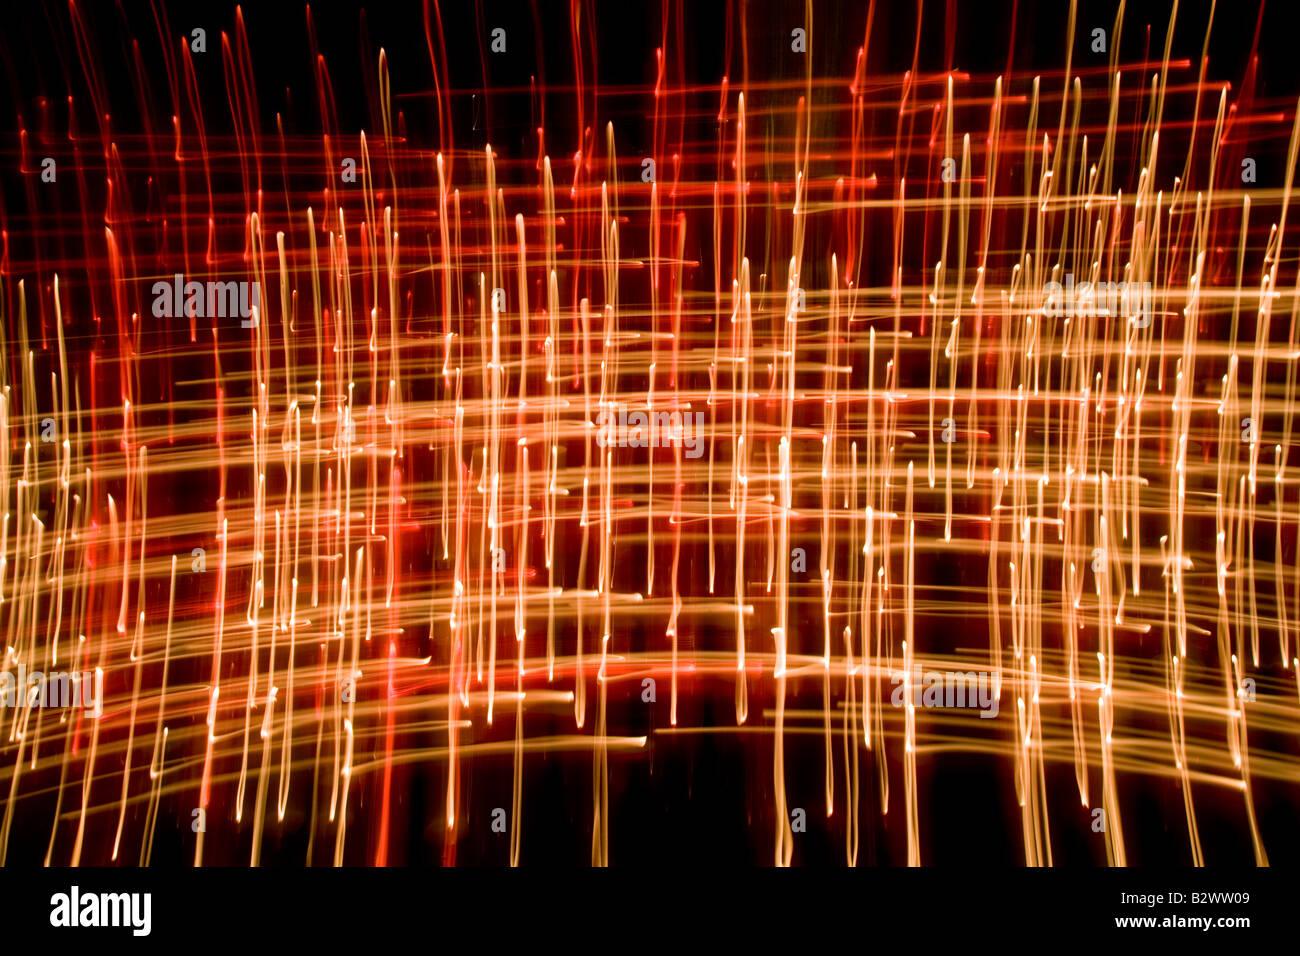 Candela fiamme Abstract prese con una lenta velocità di otturatore in una cattedrale Immagini Stock